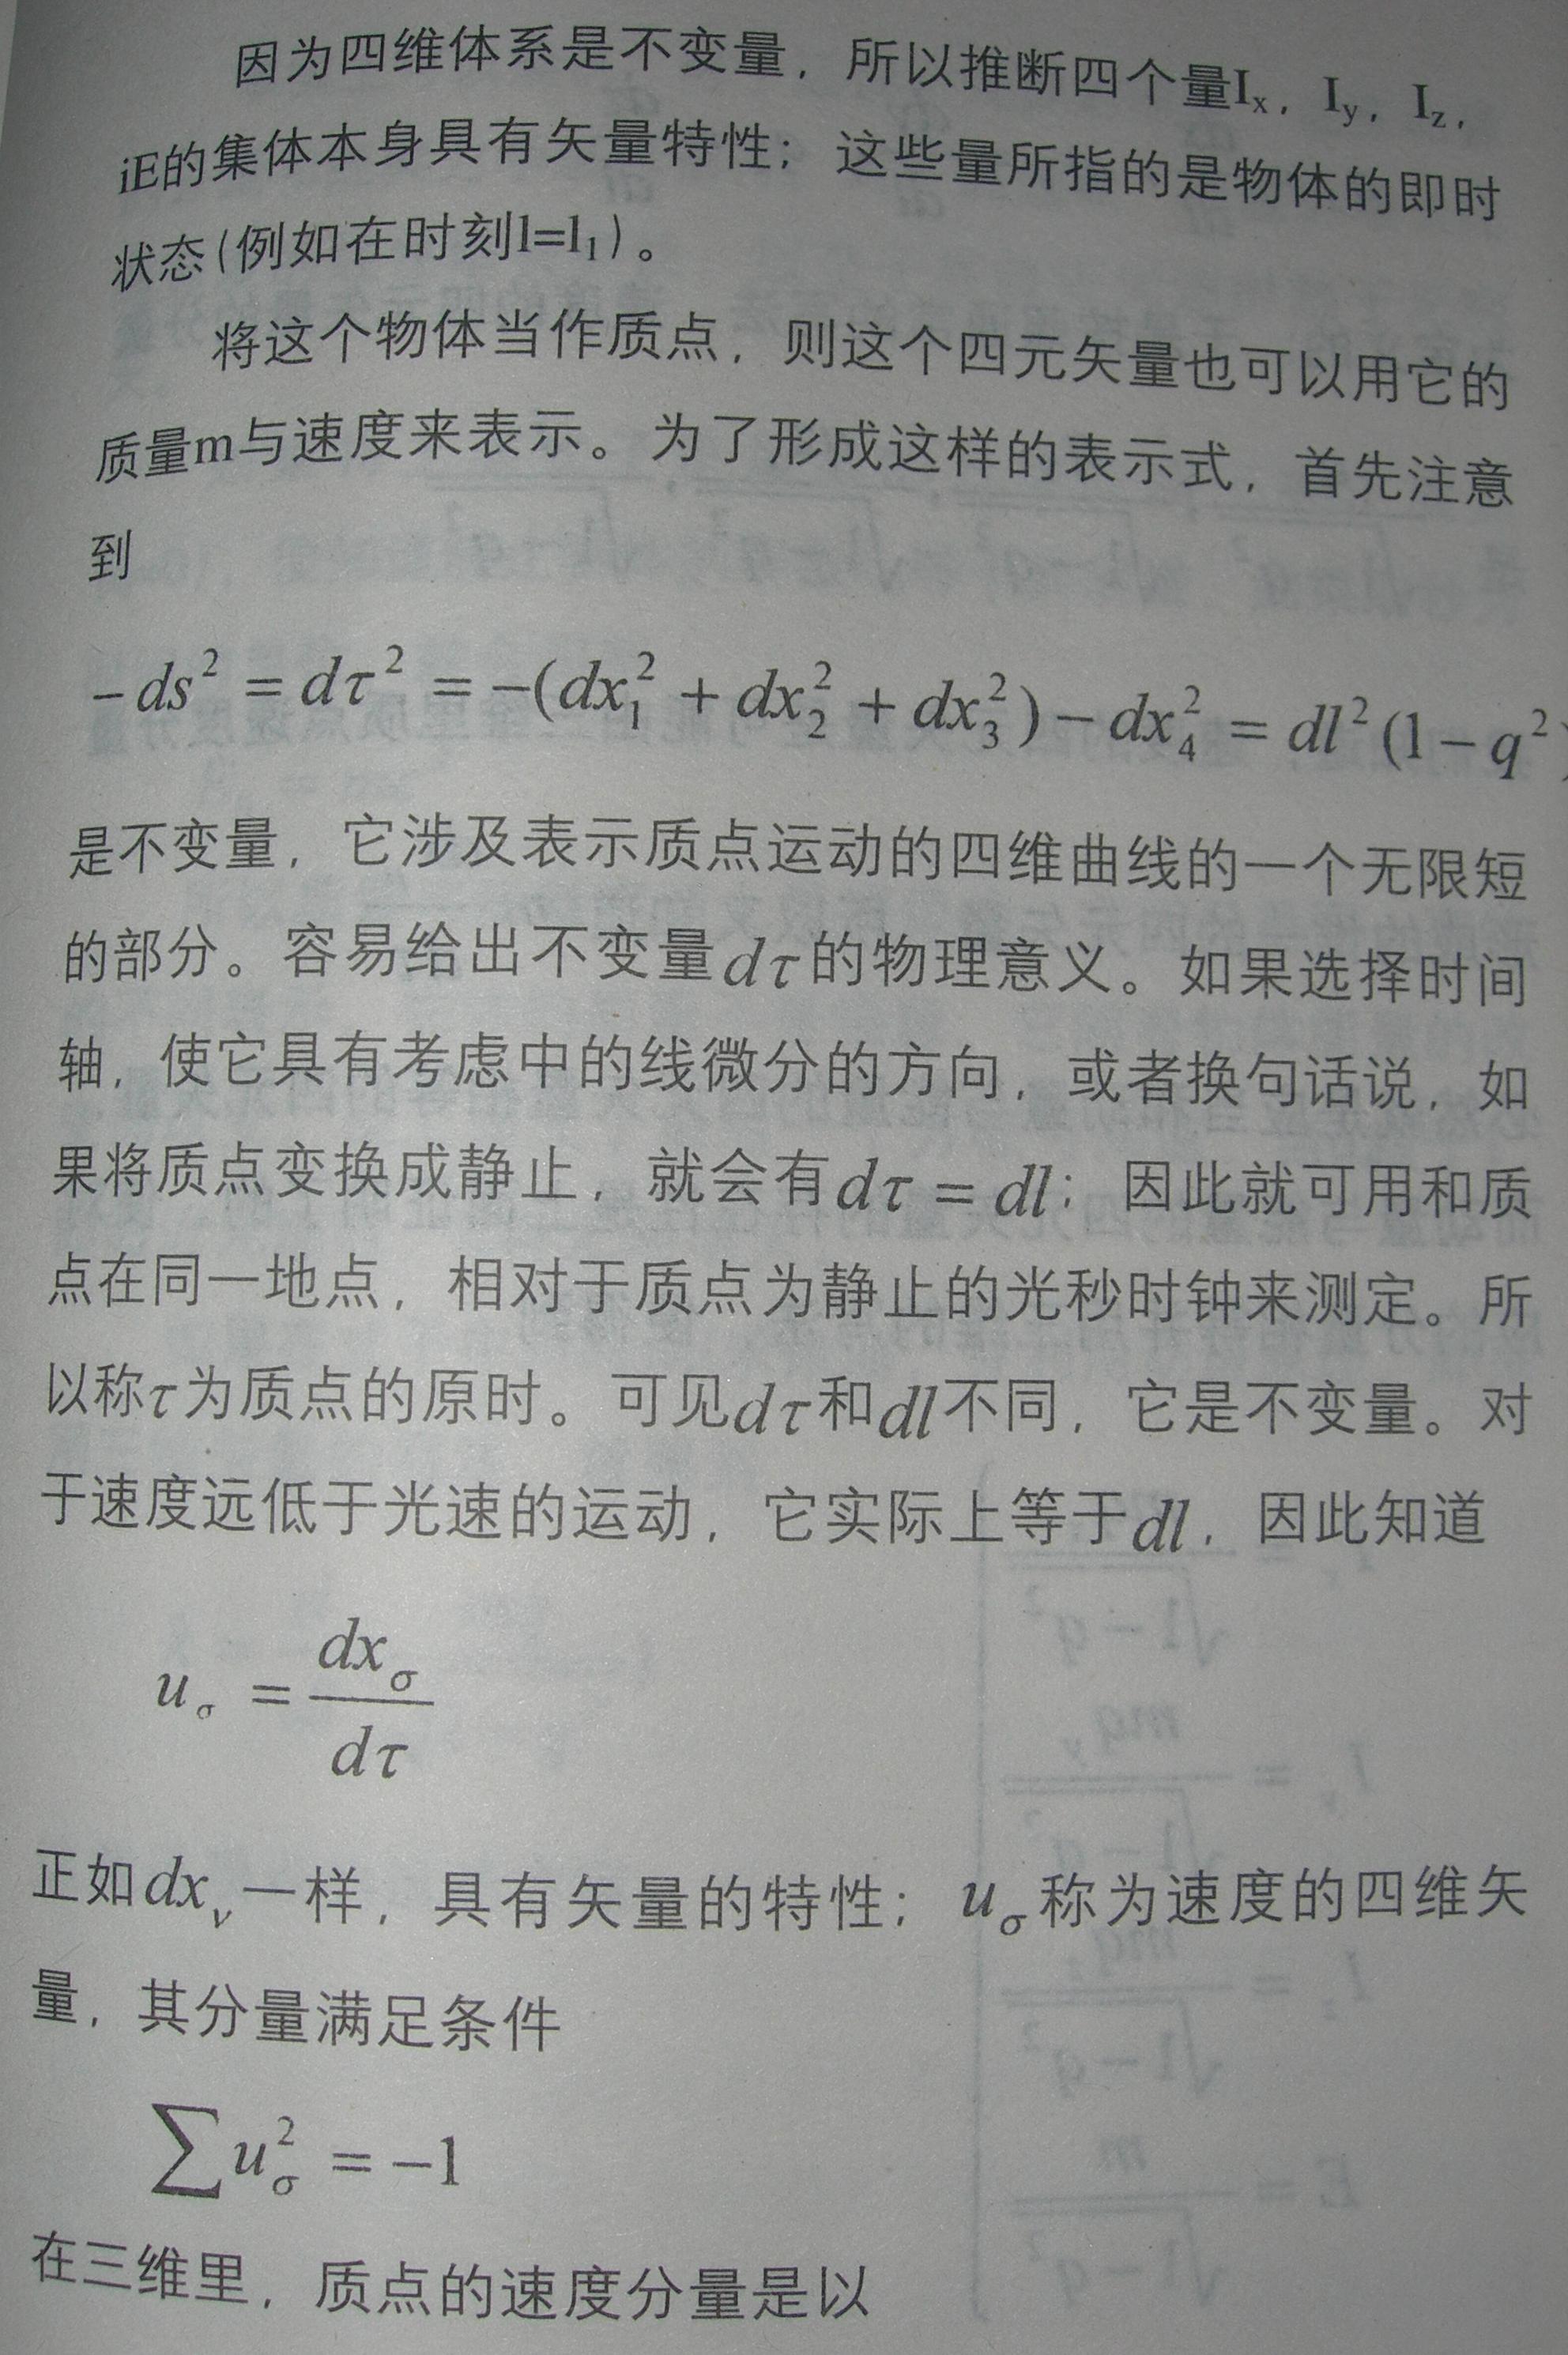 狭义相对论论文12.JPG